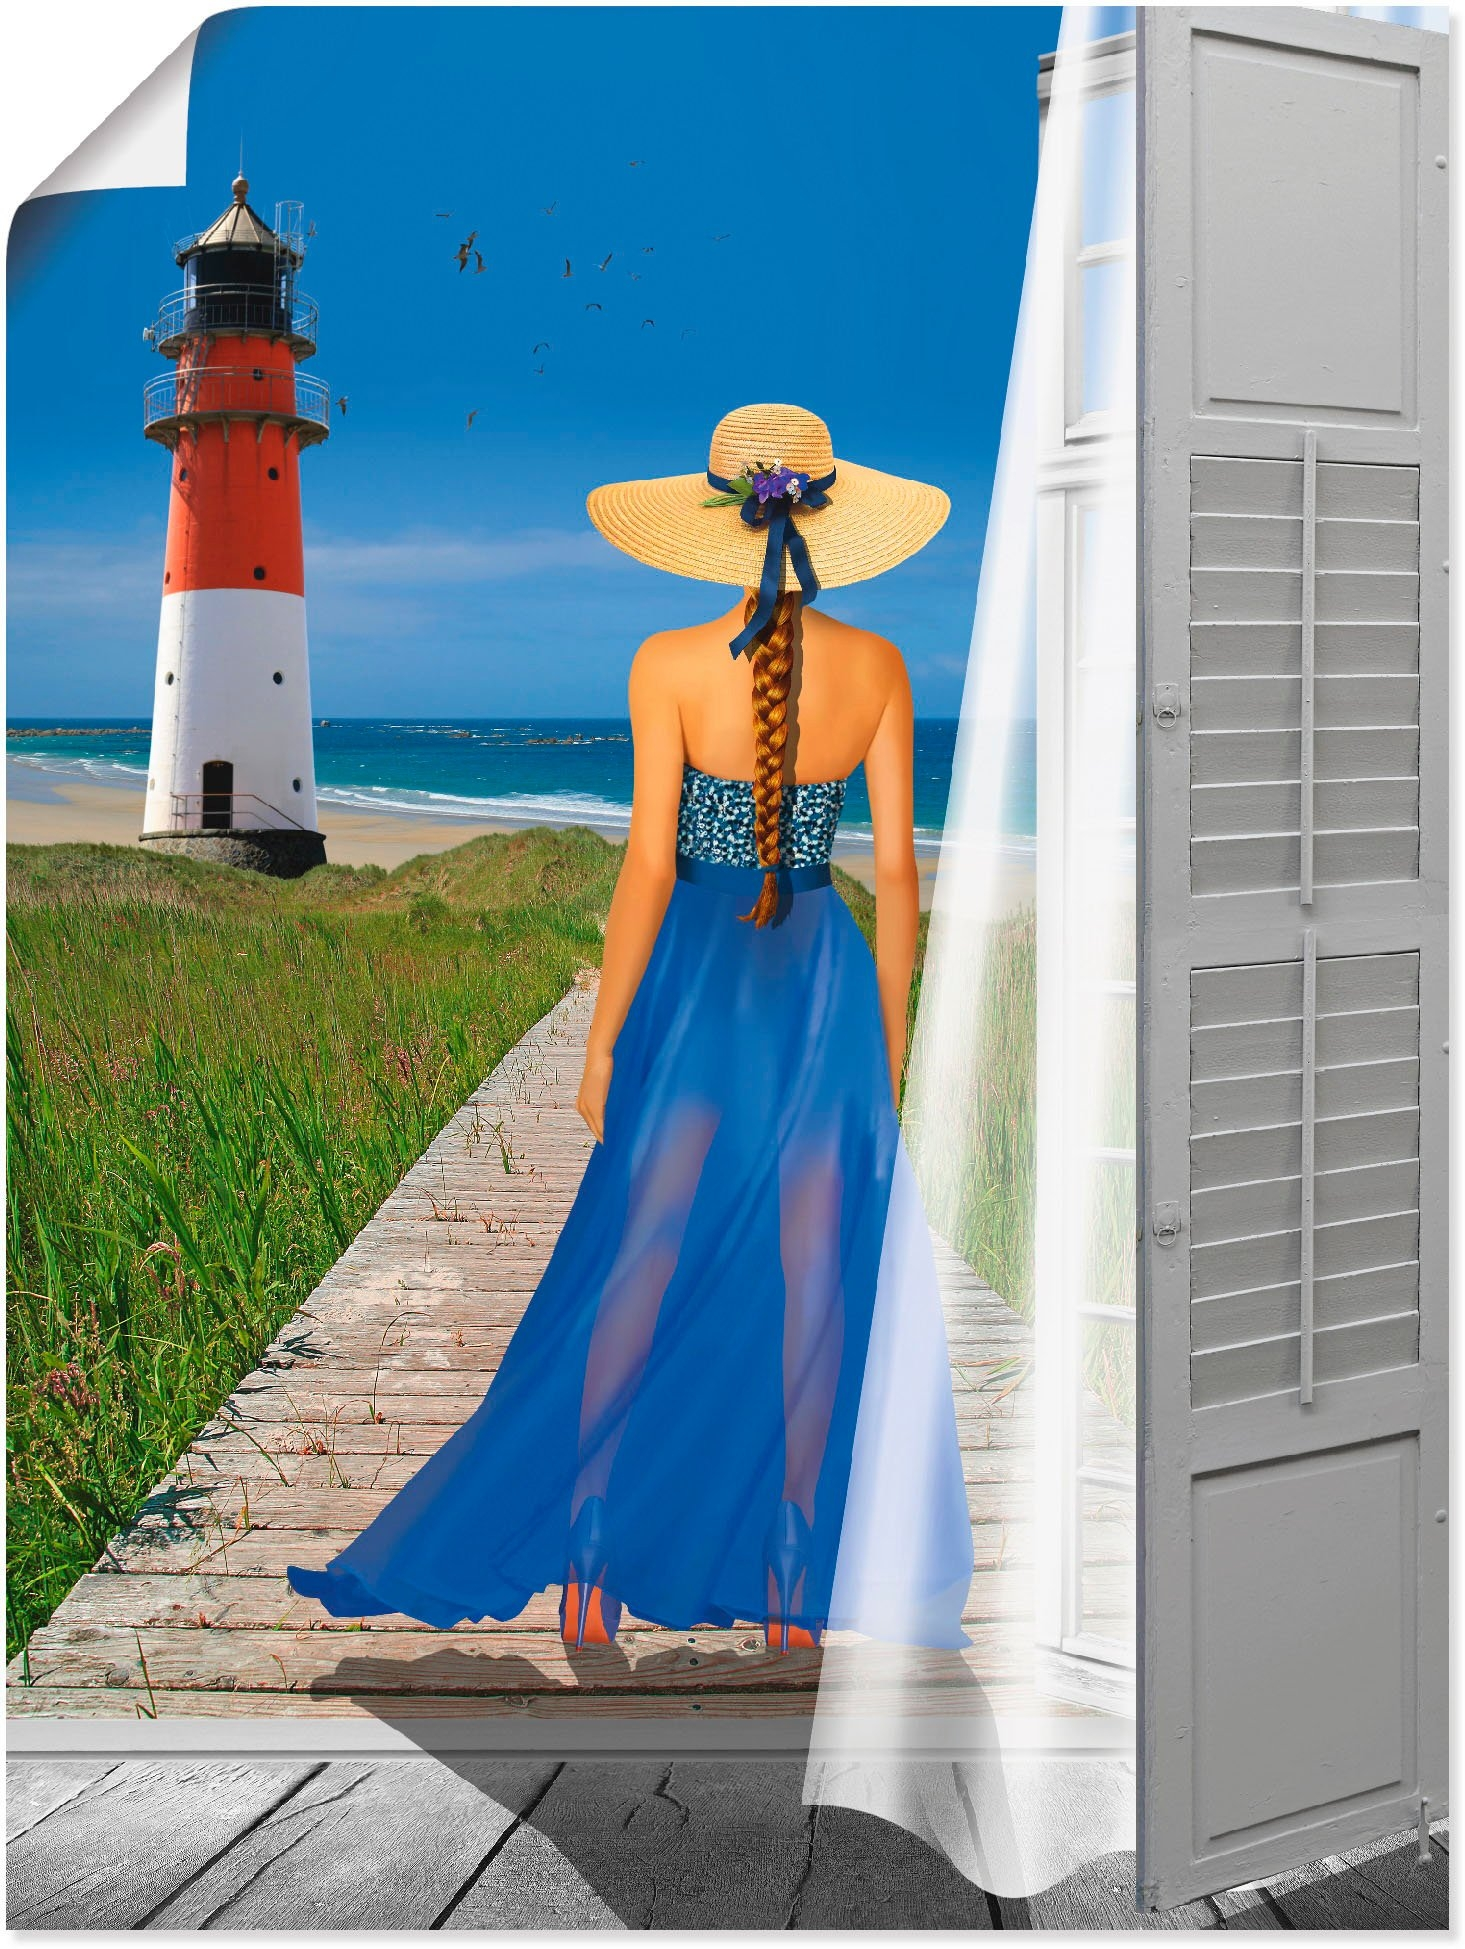 Artland artprint Vakantie aan de zee in vele afmetingen & productsoorten - artprint van aluminium / artprint voor buiten, artprint op linnen, poster, muursticker / wandfolie ook geschikt voor de badkamer (1 stuk) - verschillende betaalmethodes